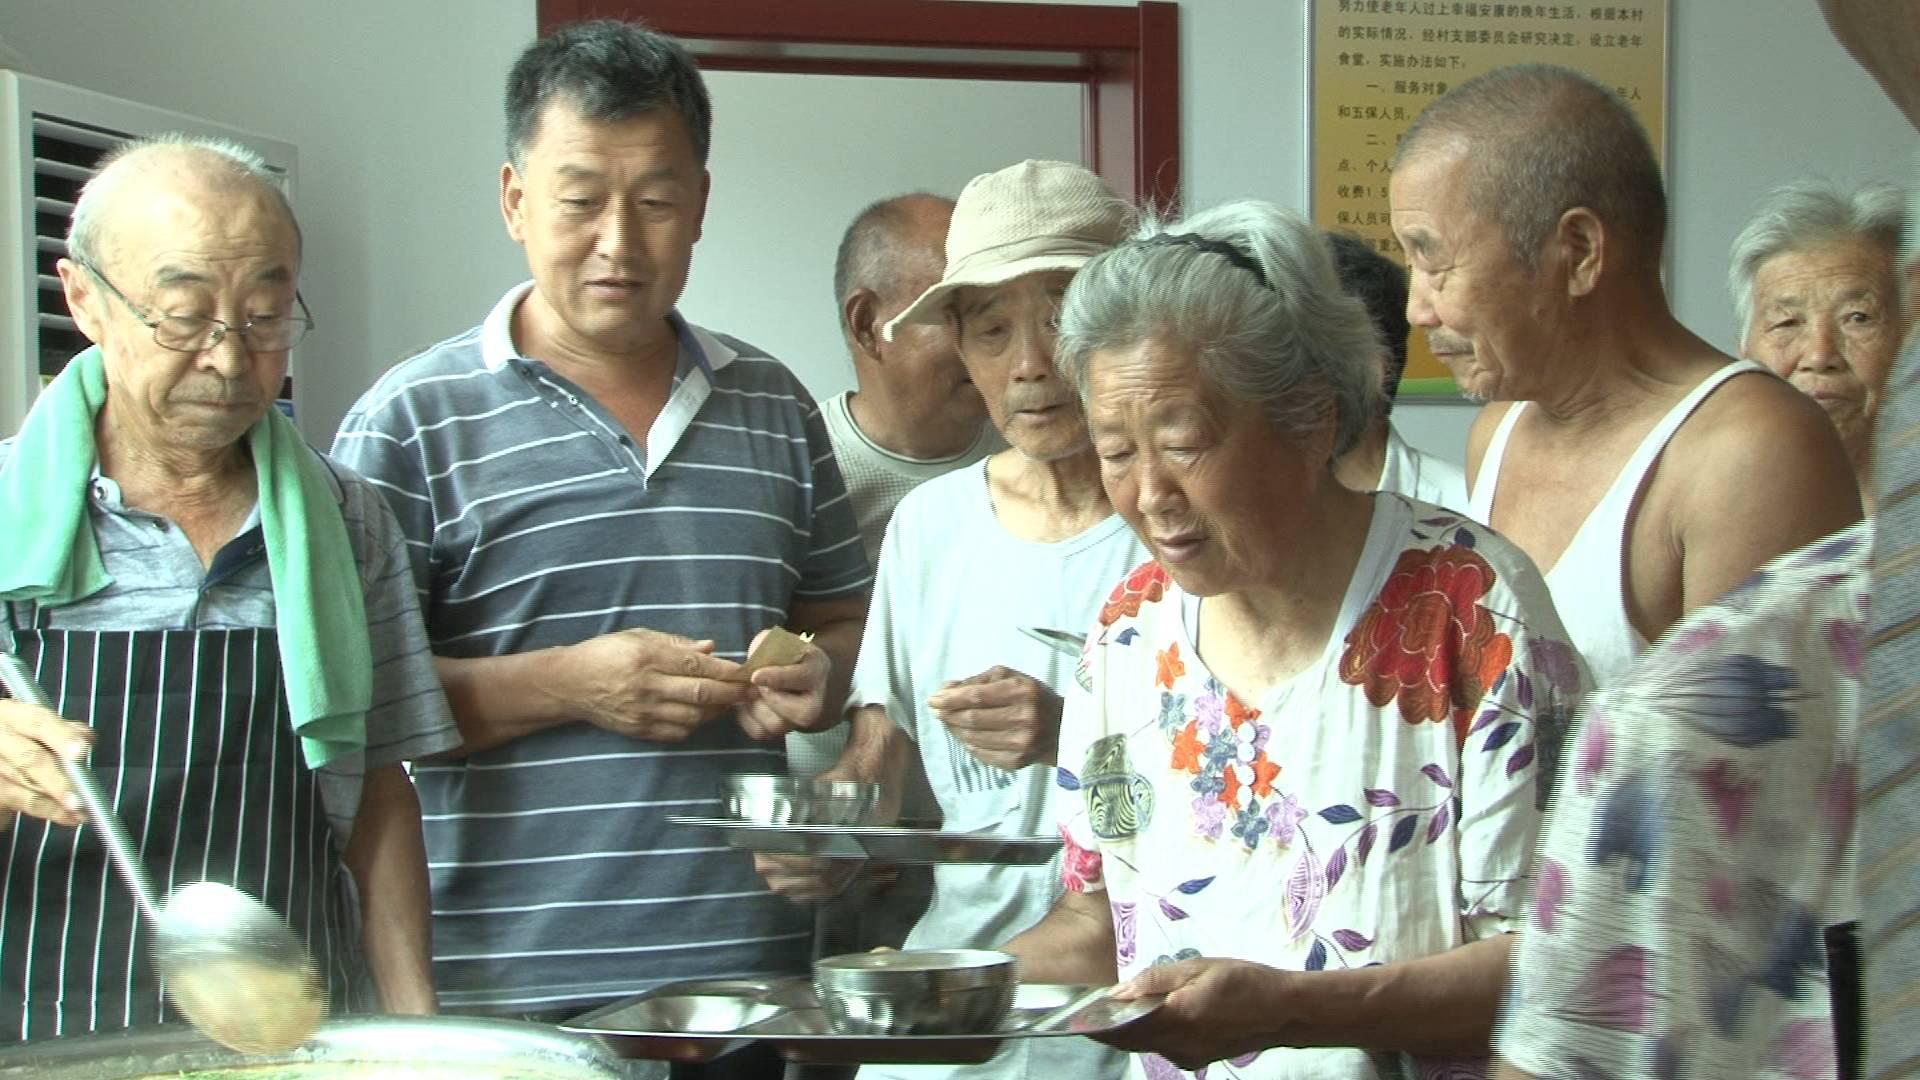 51秒|滨州惠民现农村互助食堂,八旬老人就餐免费